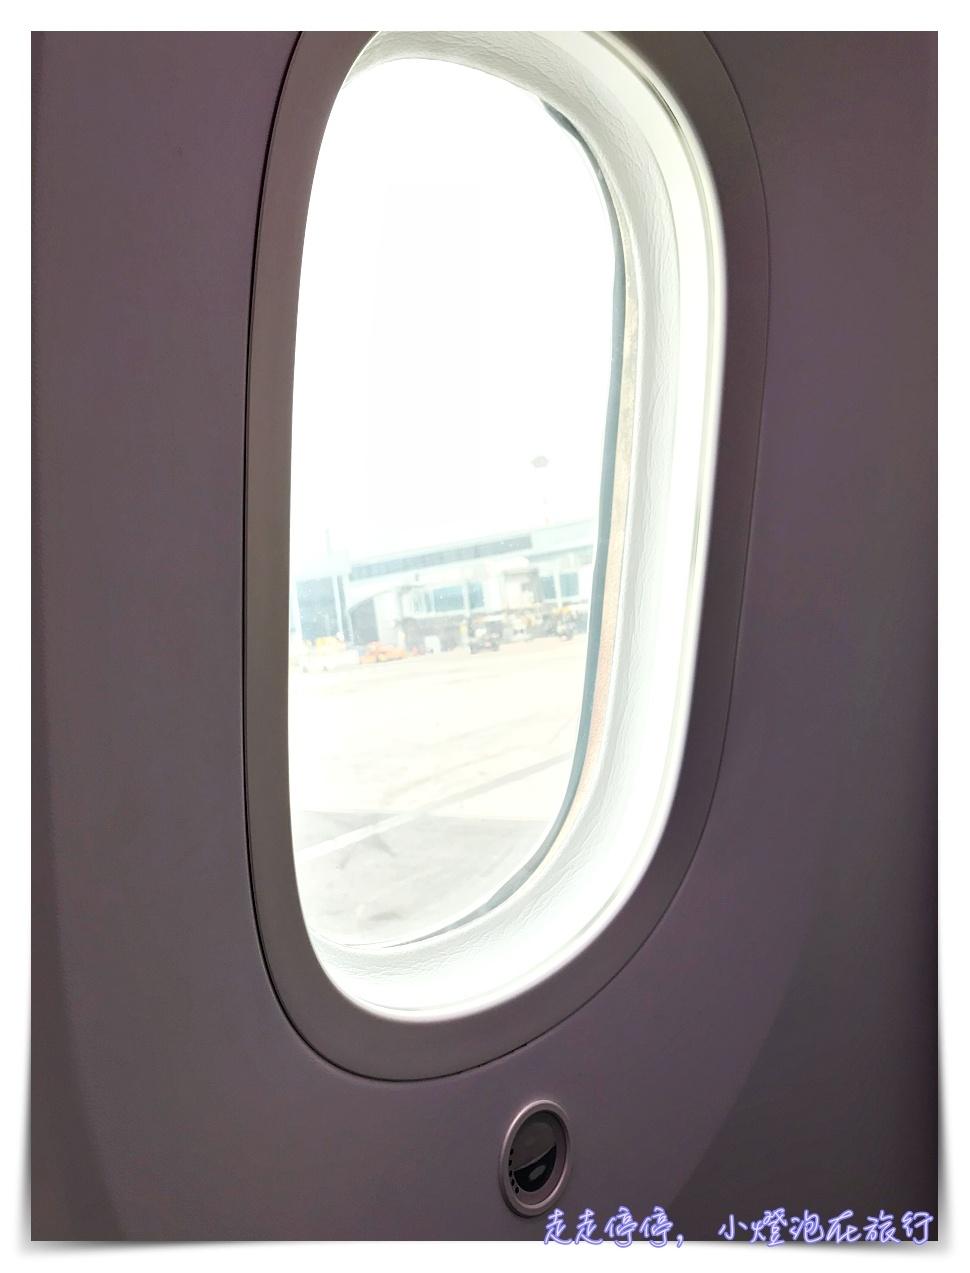 2018卡達航空超棒體驗評價|義大利米蘭進出/QR817 QR127/QR128 QR818/輕易搭到A350 A380 波音787豪華班機全記錄體驗~